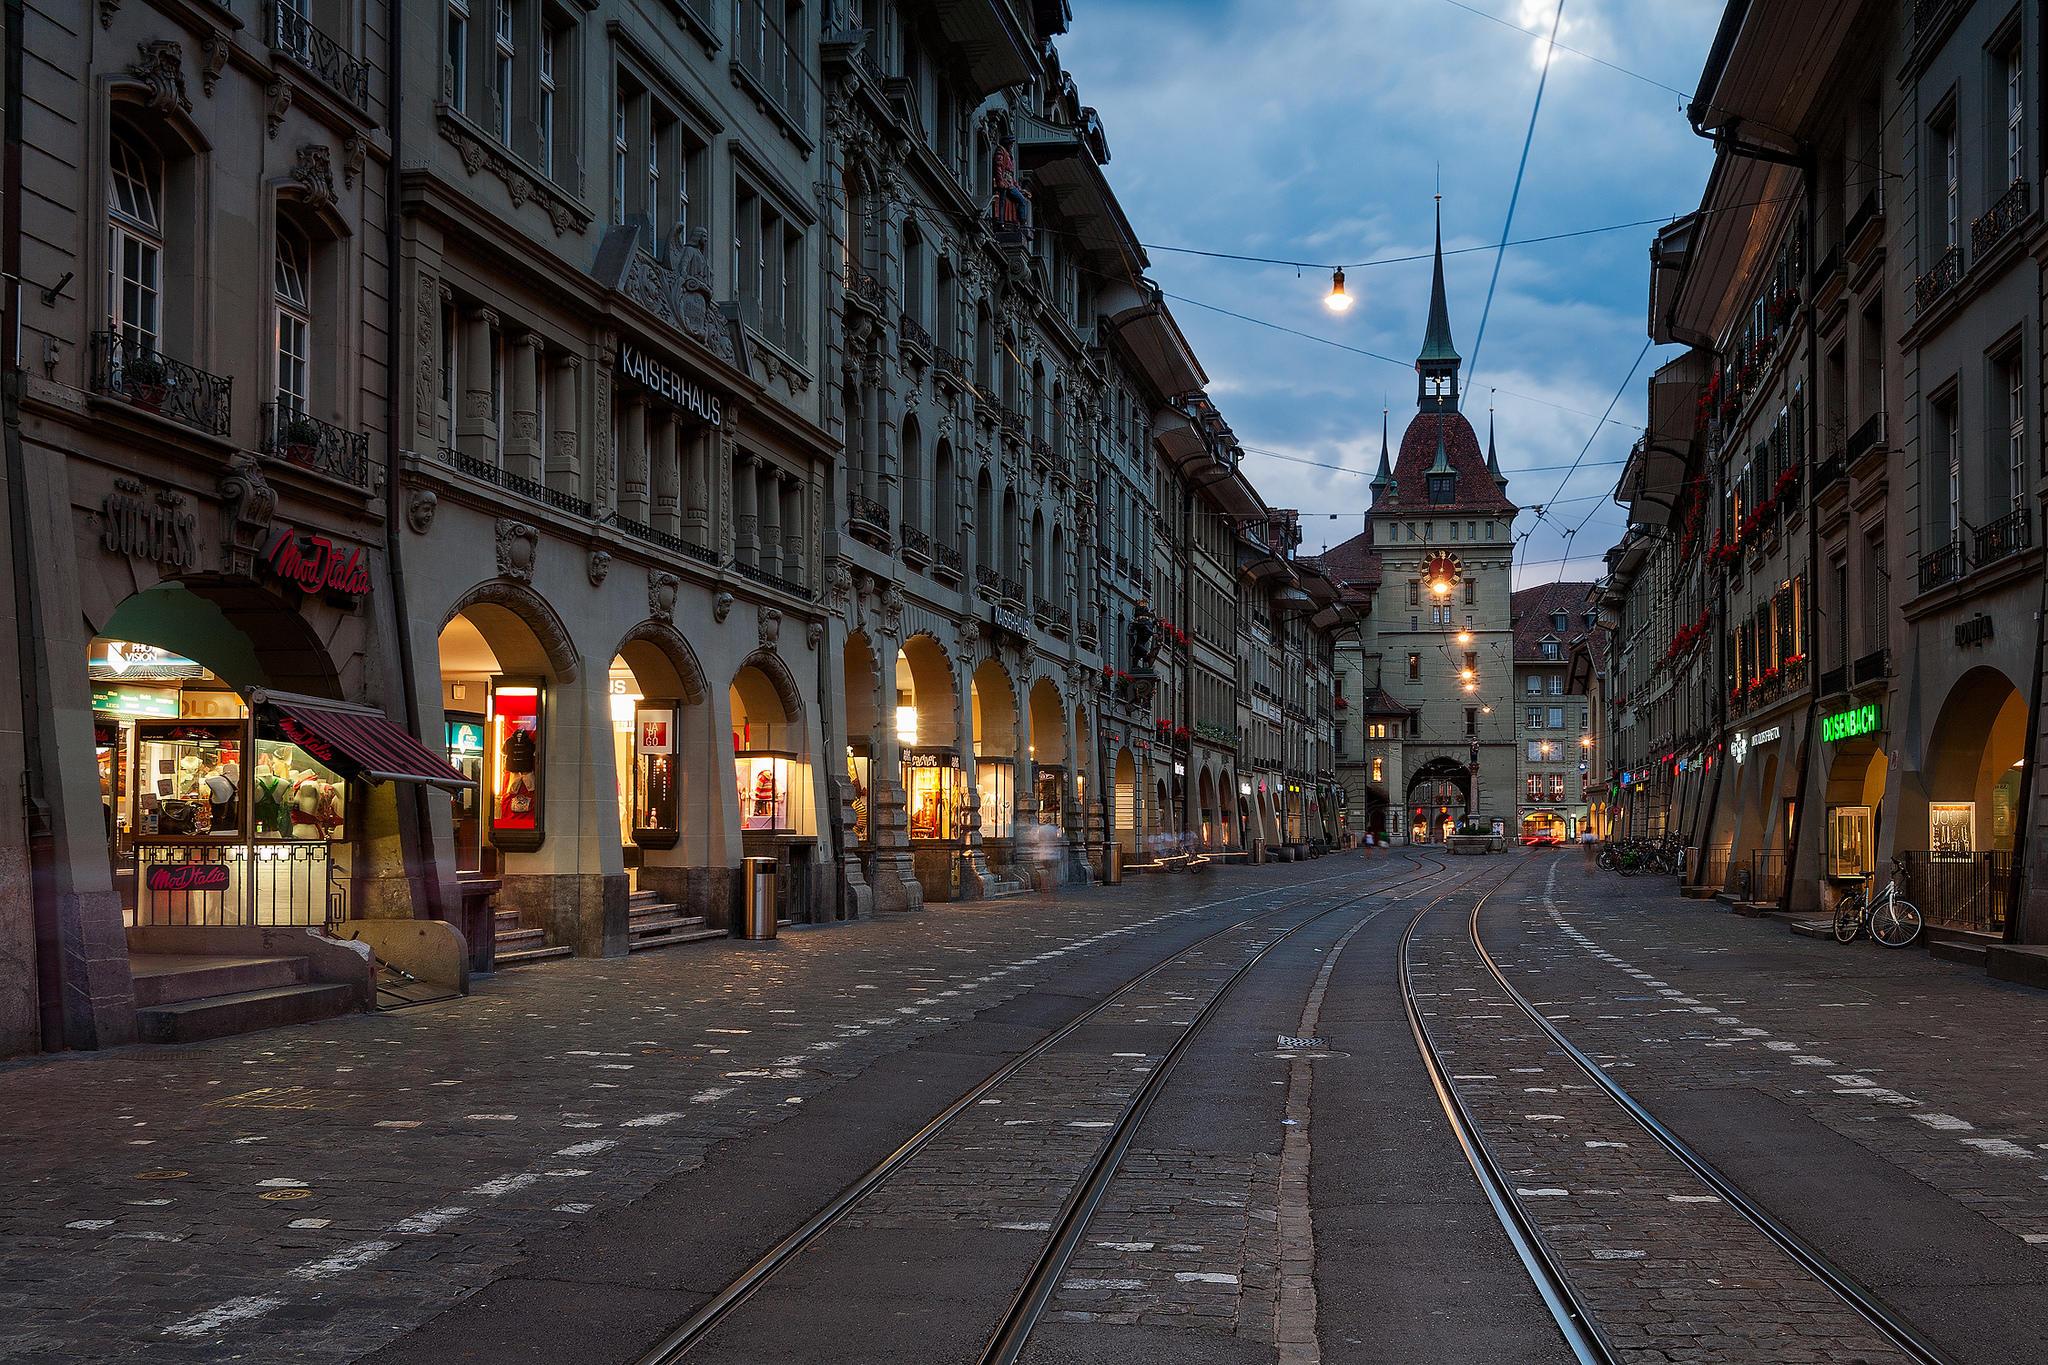 Часовая башня Циттглогге, Берн, Швейцария